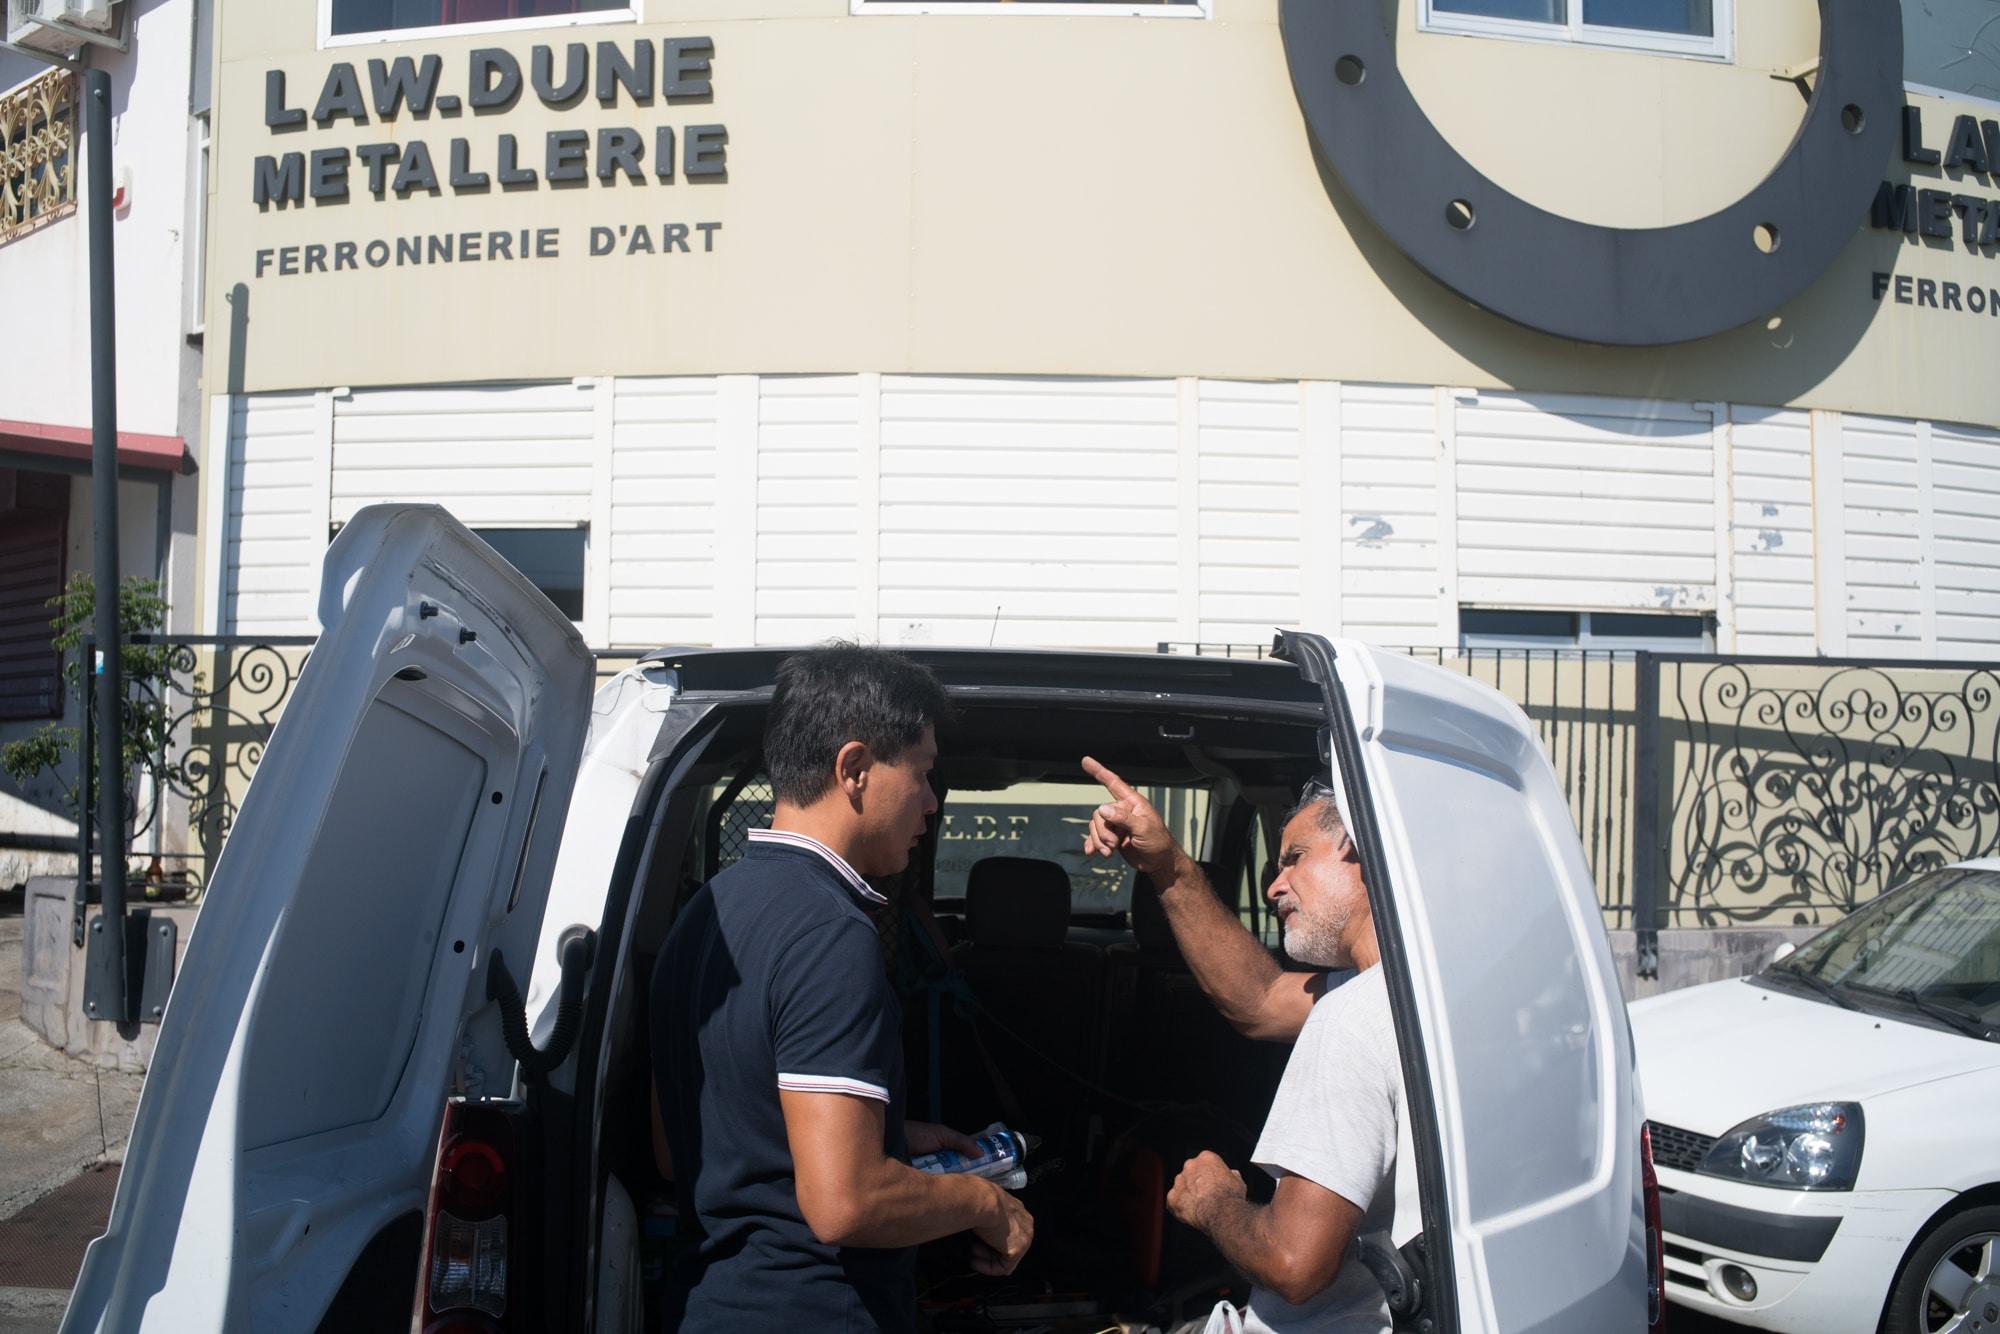 Jean-Claude discute avec un homme à l'arrière d'une camionnette. Au second plan on aperçoit l'enseigne Law Dune Metallerie Ferronerie d'Art..